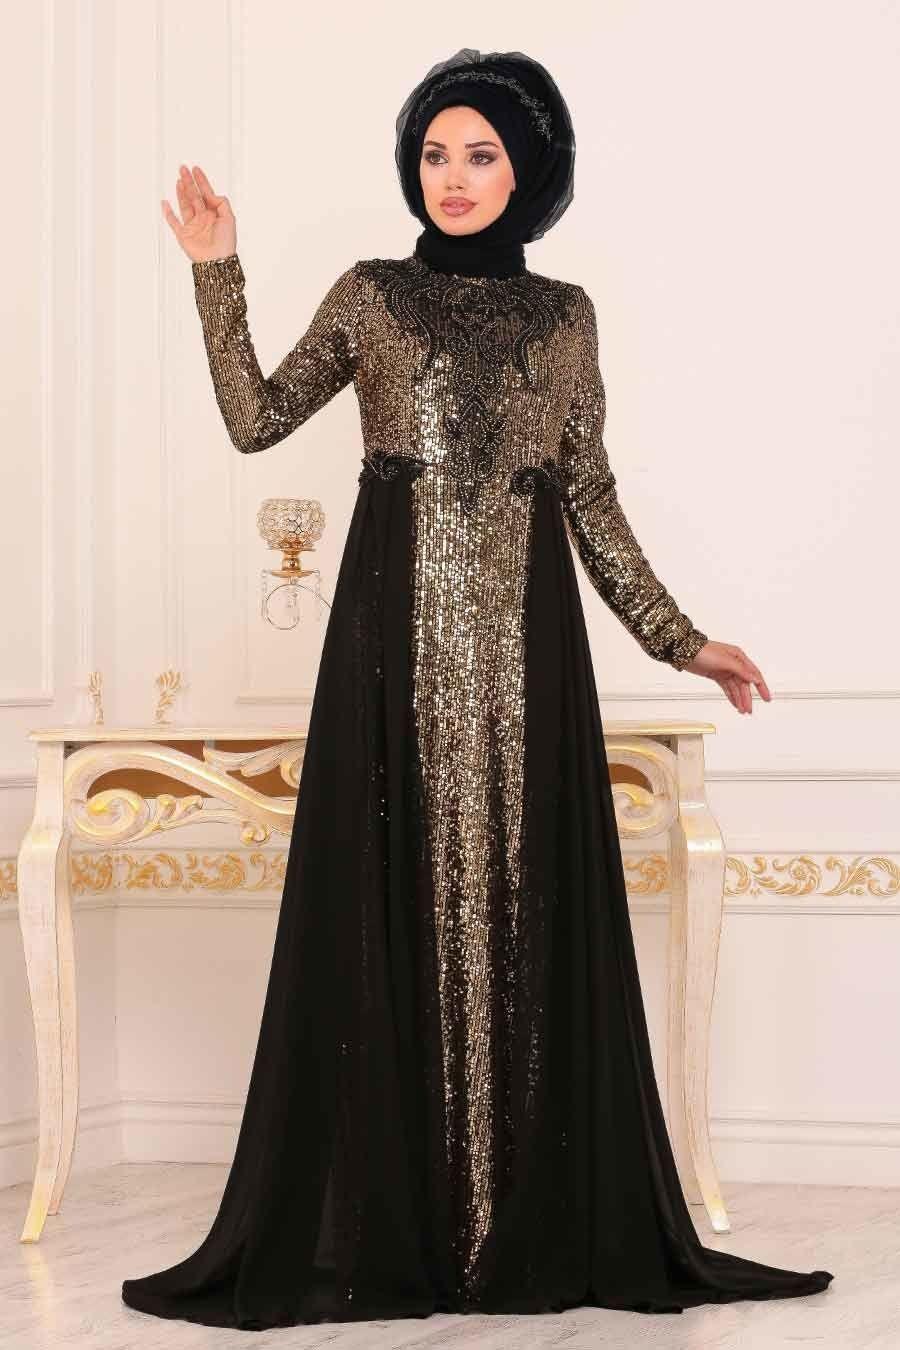 Tesetturlu Abiye Elbise Pul Payetli Siyah Tesettur Abiye Elbise 8617s Tesetturisland Com The Dress Moda Stilleri Ve Kadin Giyim